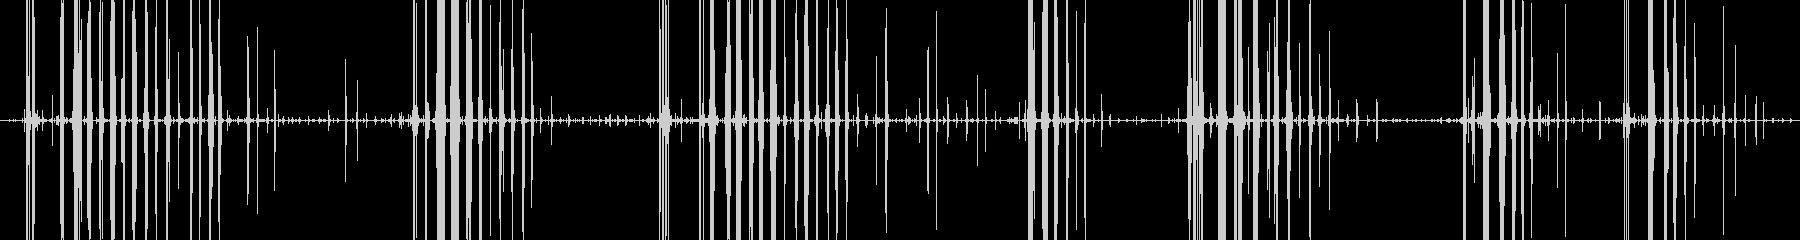 固い煎餅を食べるガリガリという音の未再生の波形